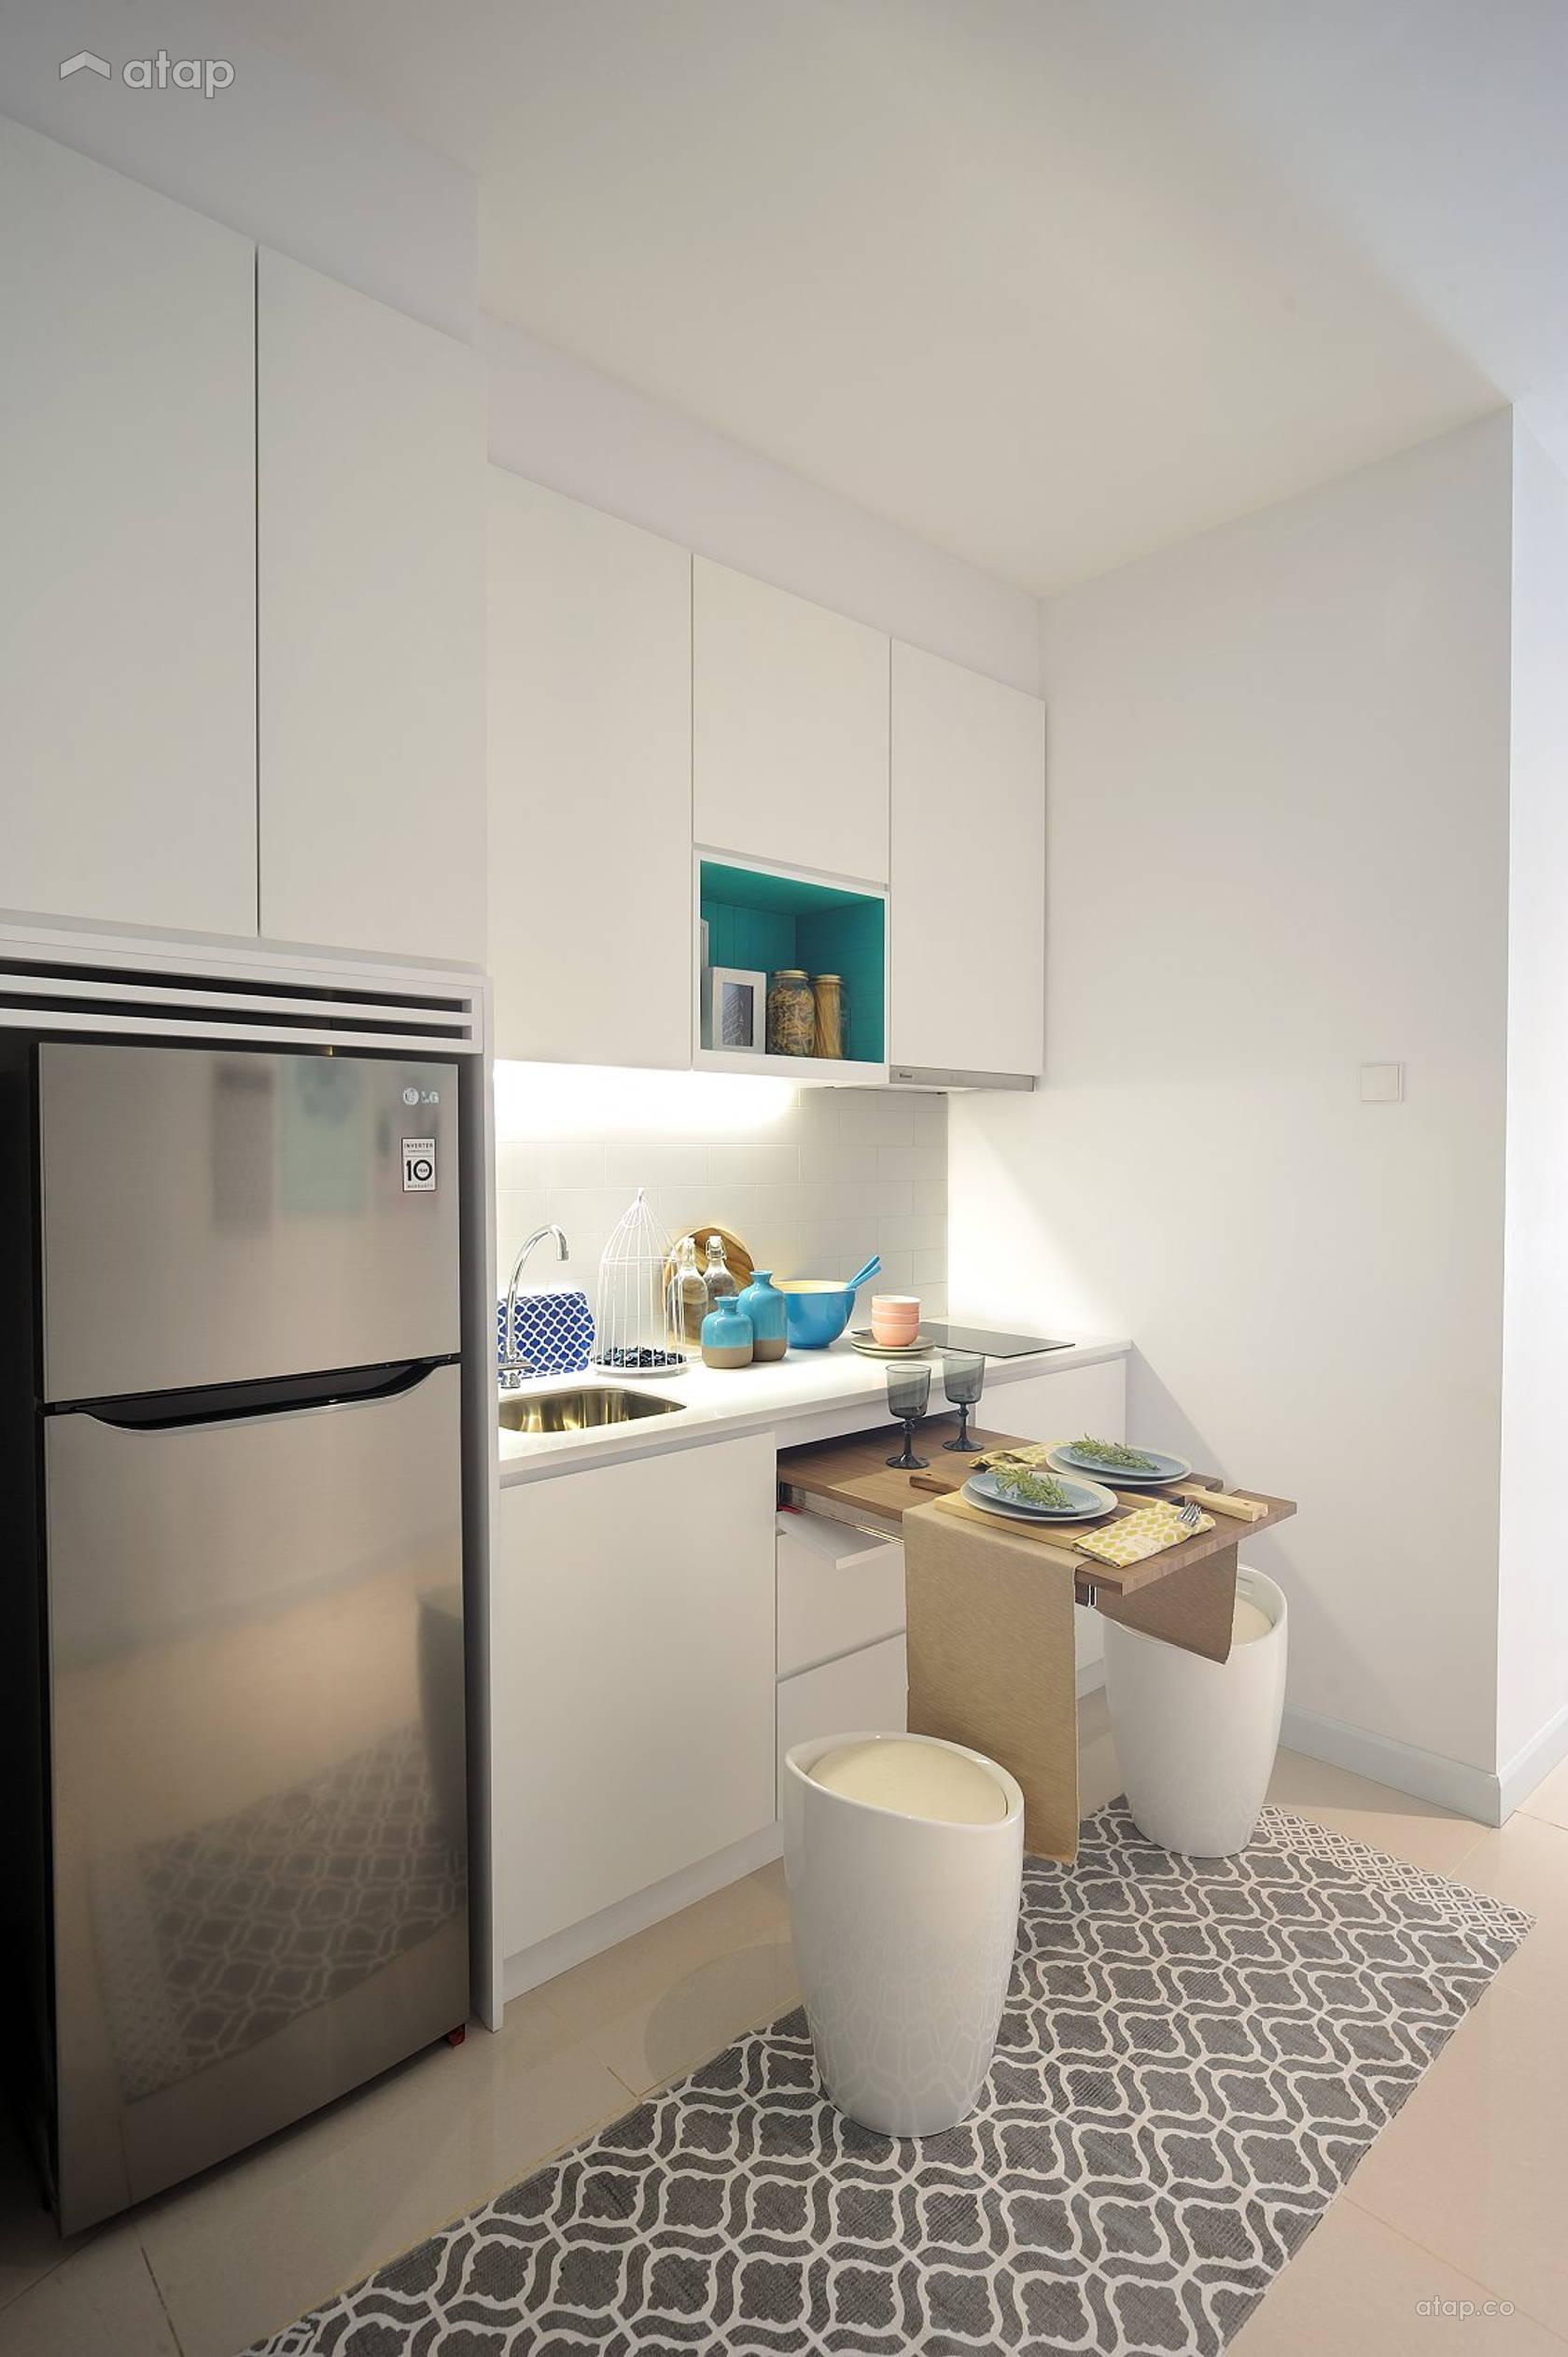 Scandinavian Dining Room Kitchen @ HighPark Suites